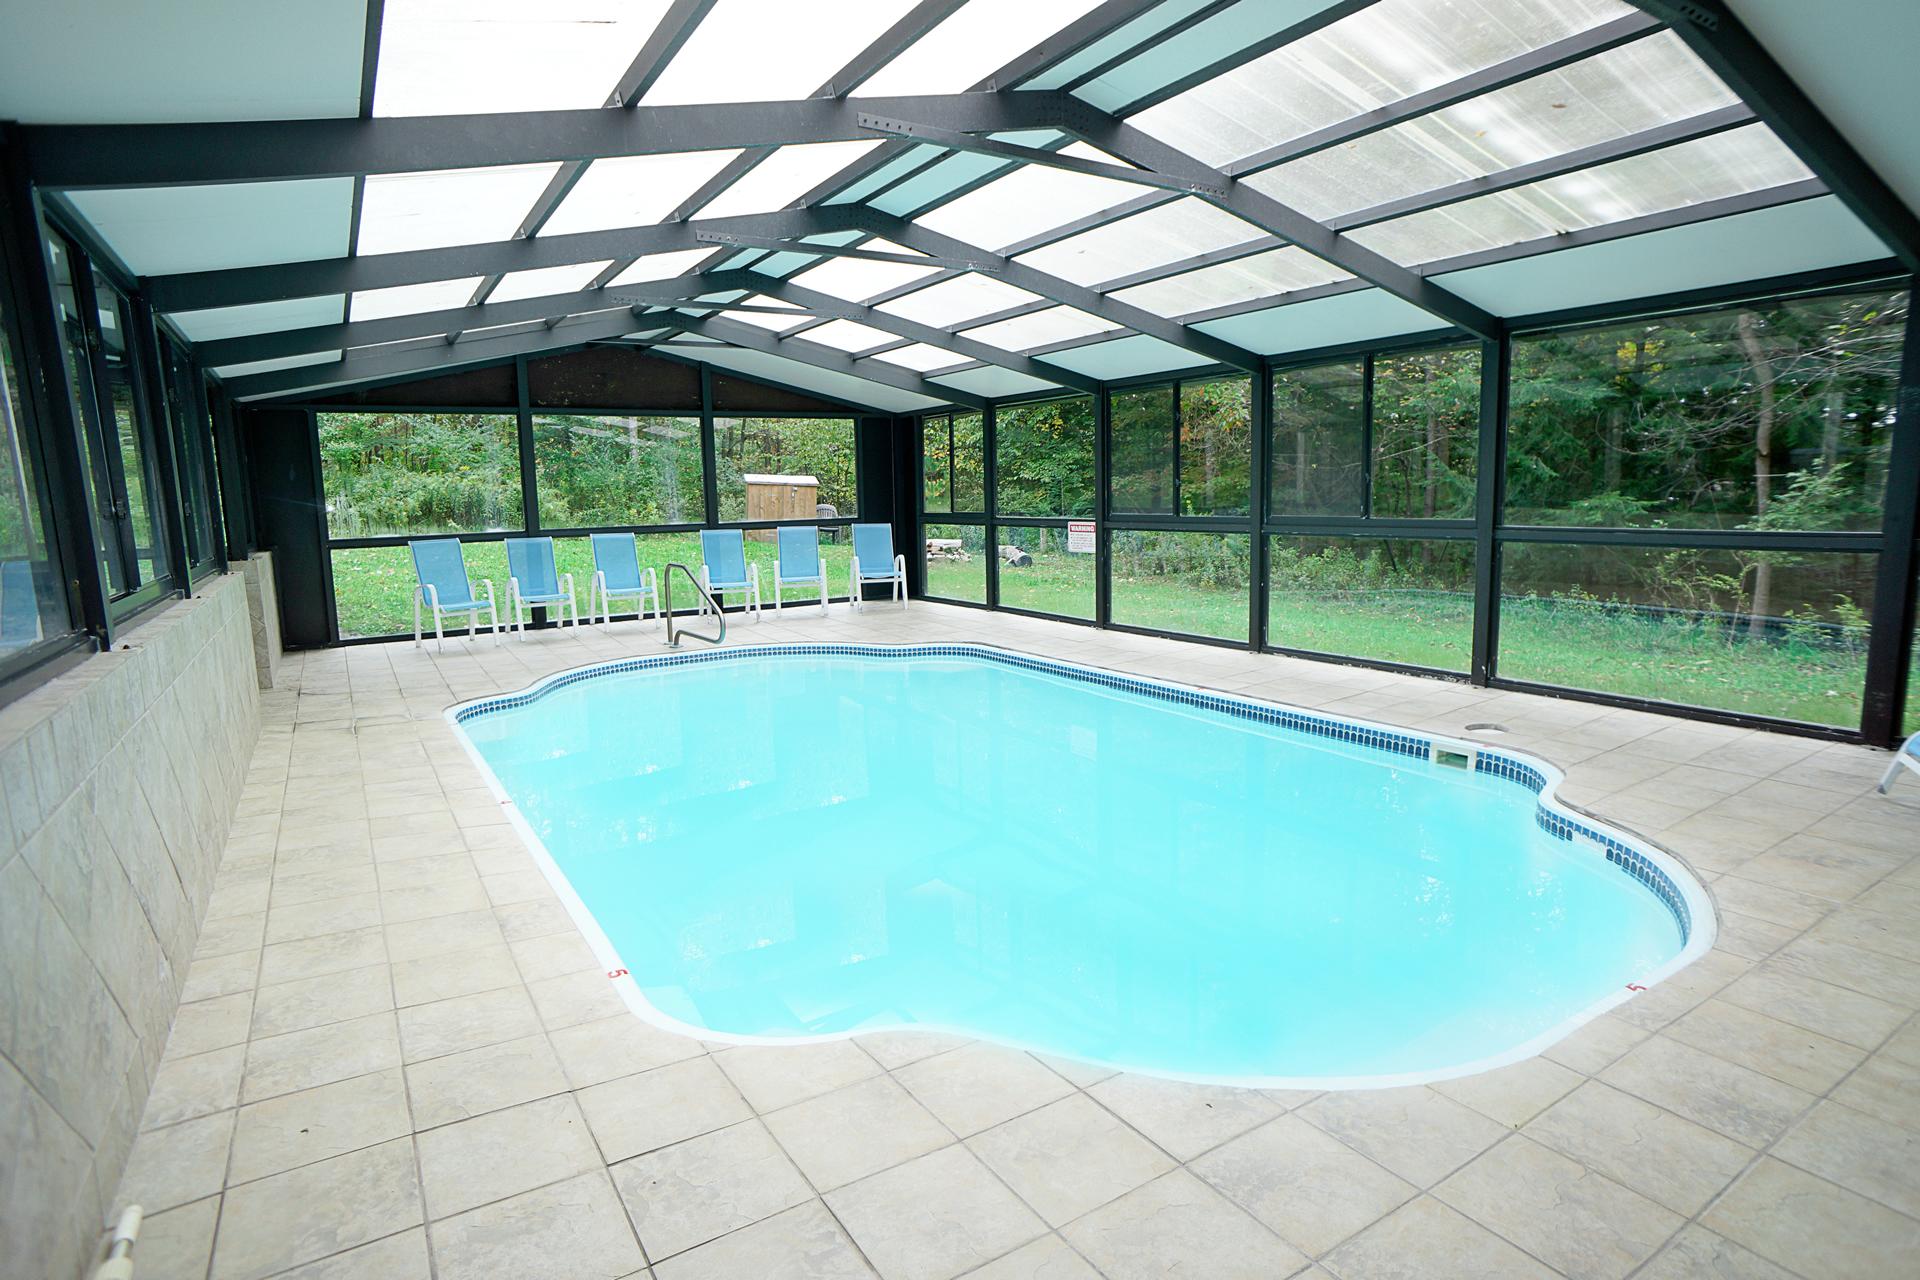 deep creek lake vacation home heated indoor pool